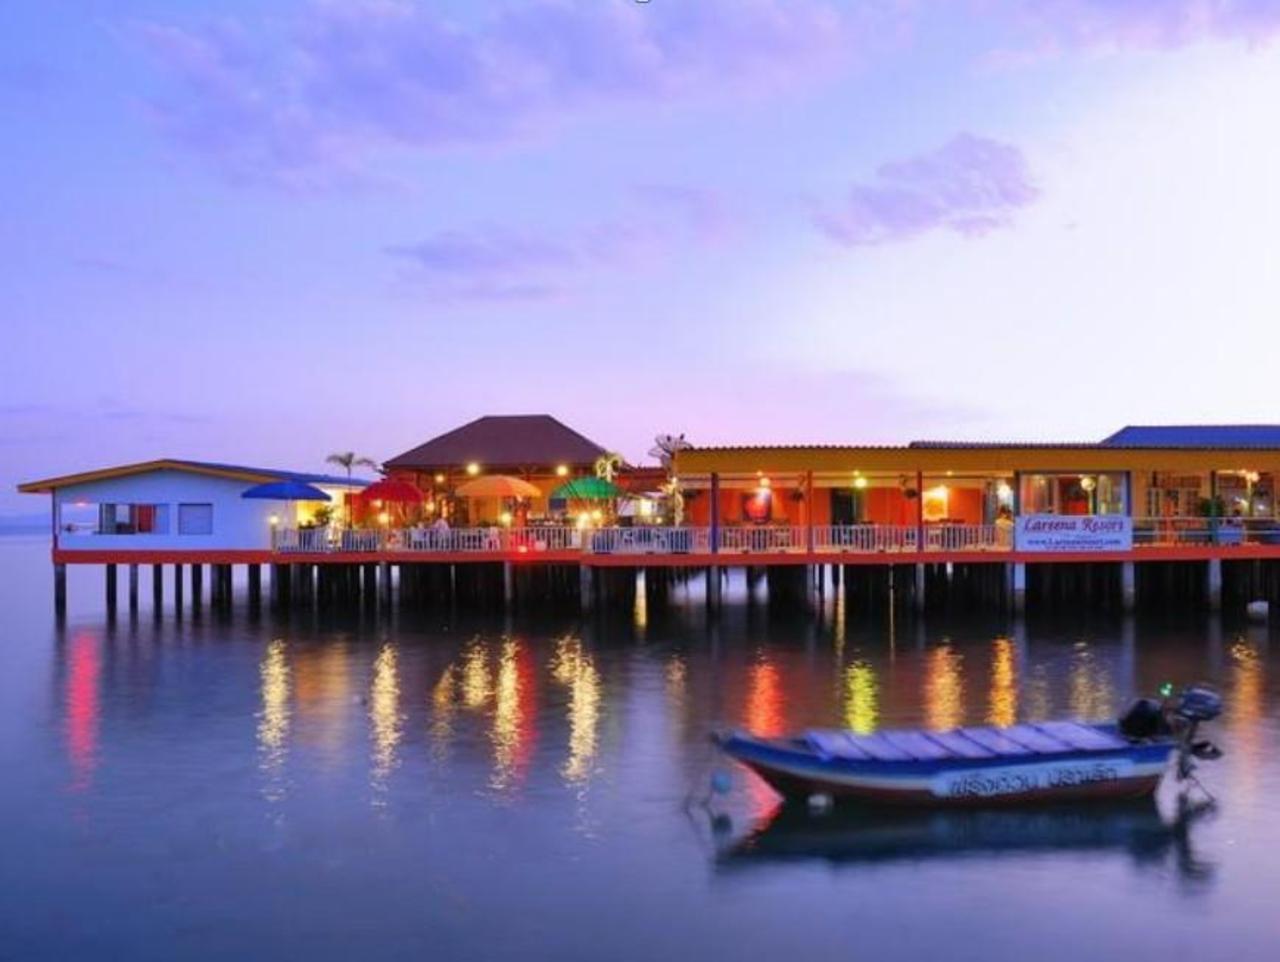 ลารีนา รีสอร์ท เกาะล้าน (Lareena Resort By the Sea Koh Lan)